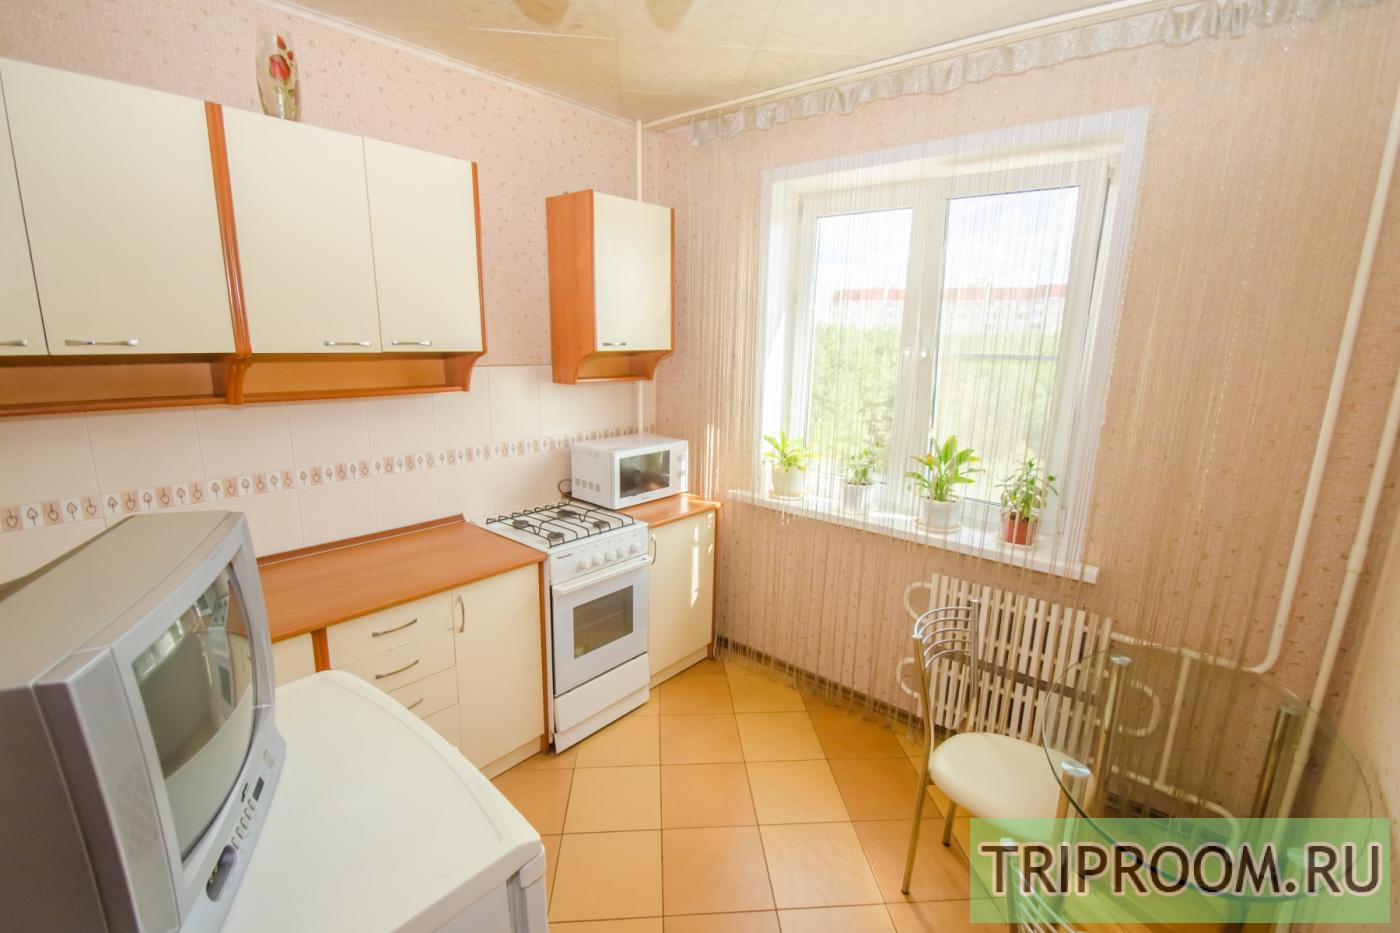 1-комнатная квартира посуточно (вариант № 2483), ул. Мордасовой улица, фото № 10